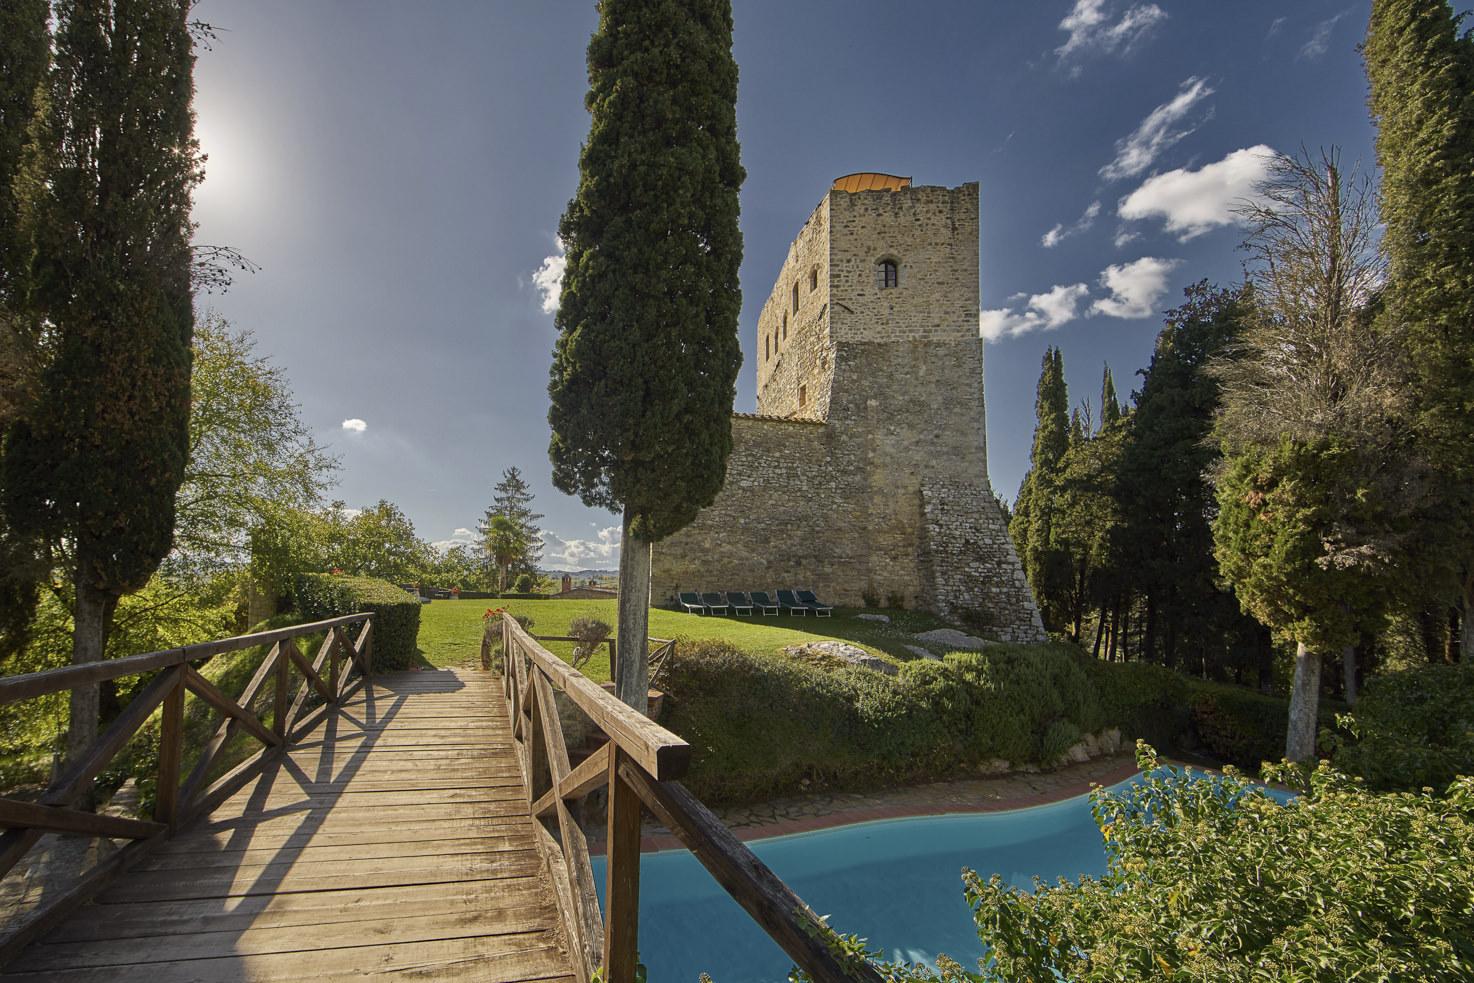 Exterior of Castello di Tornano